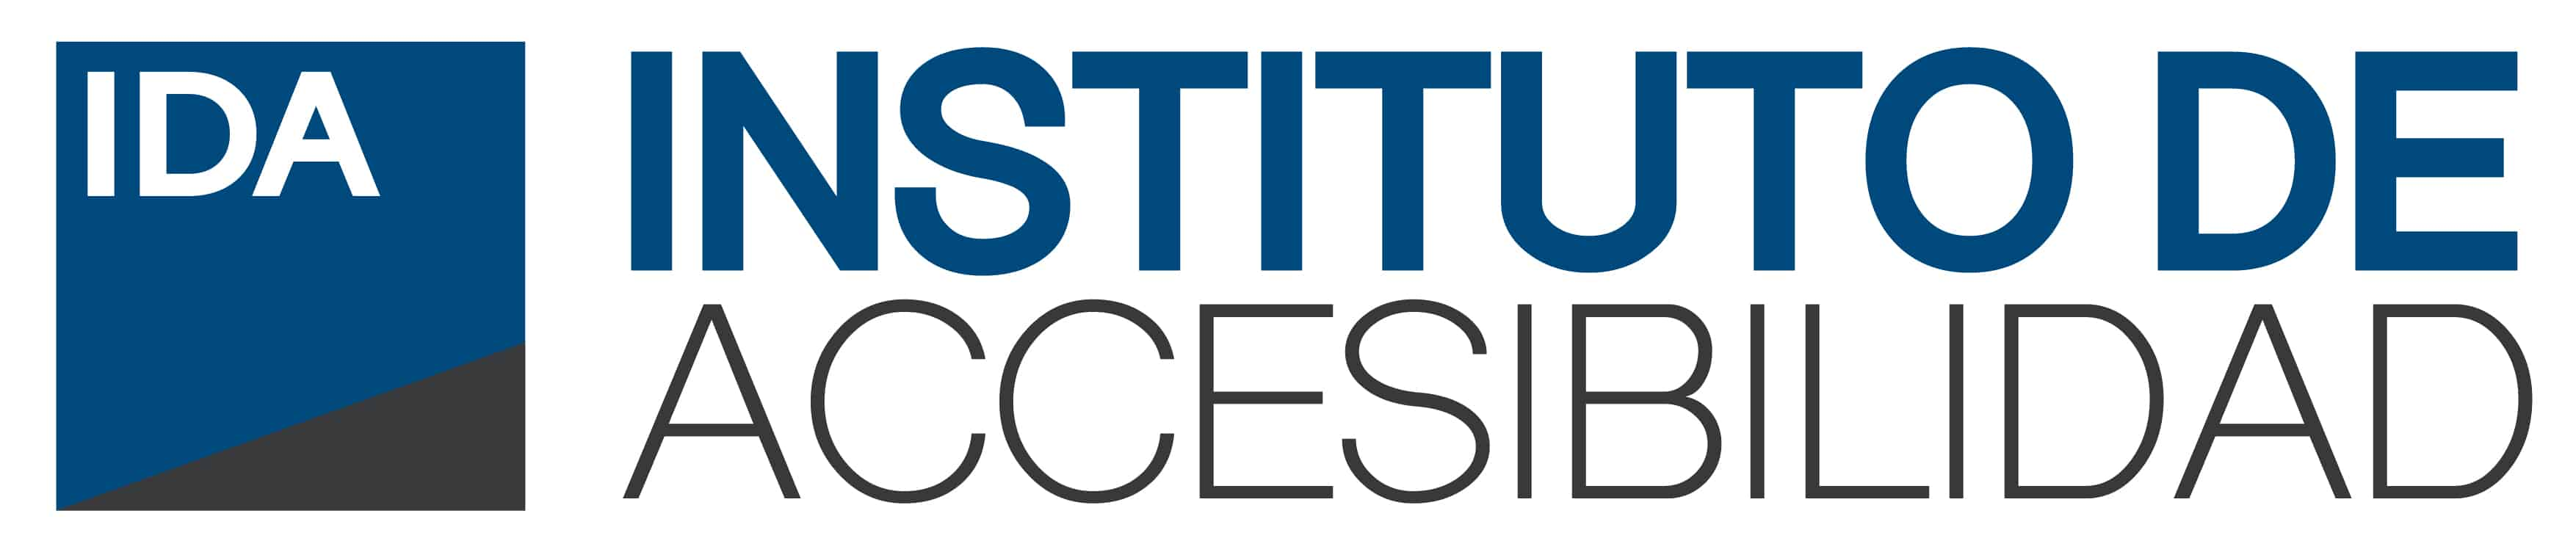 Accesibilidad Logo